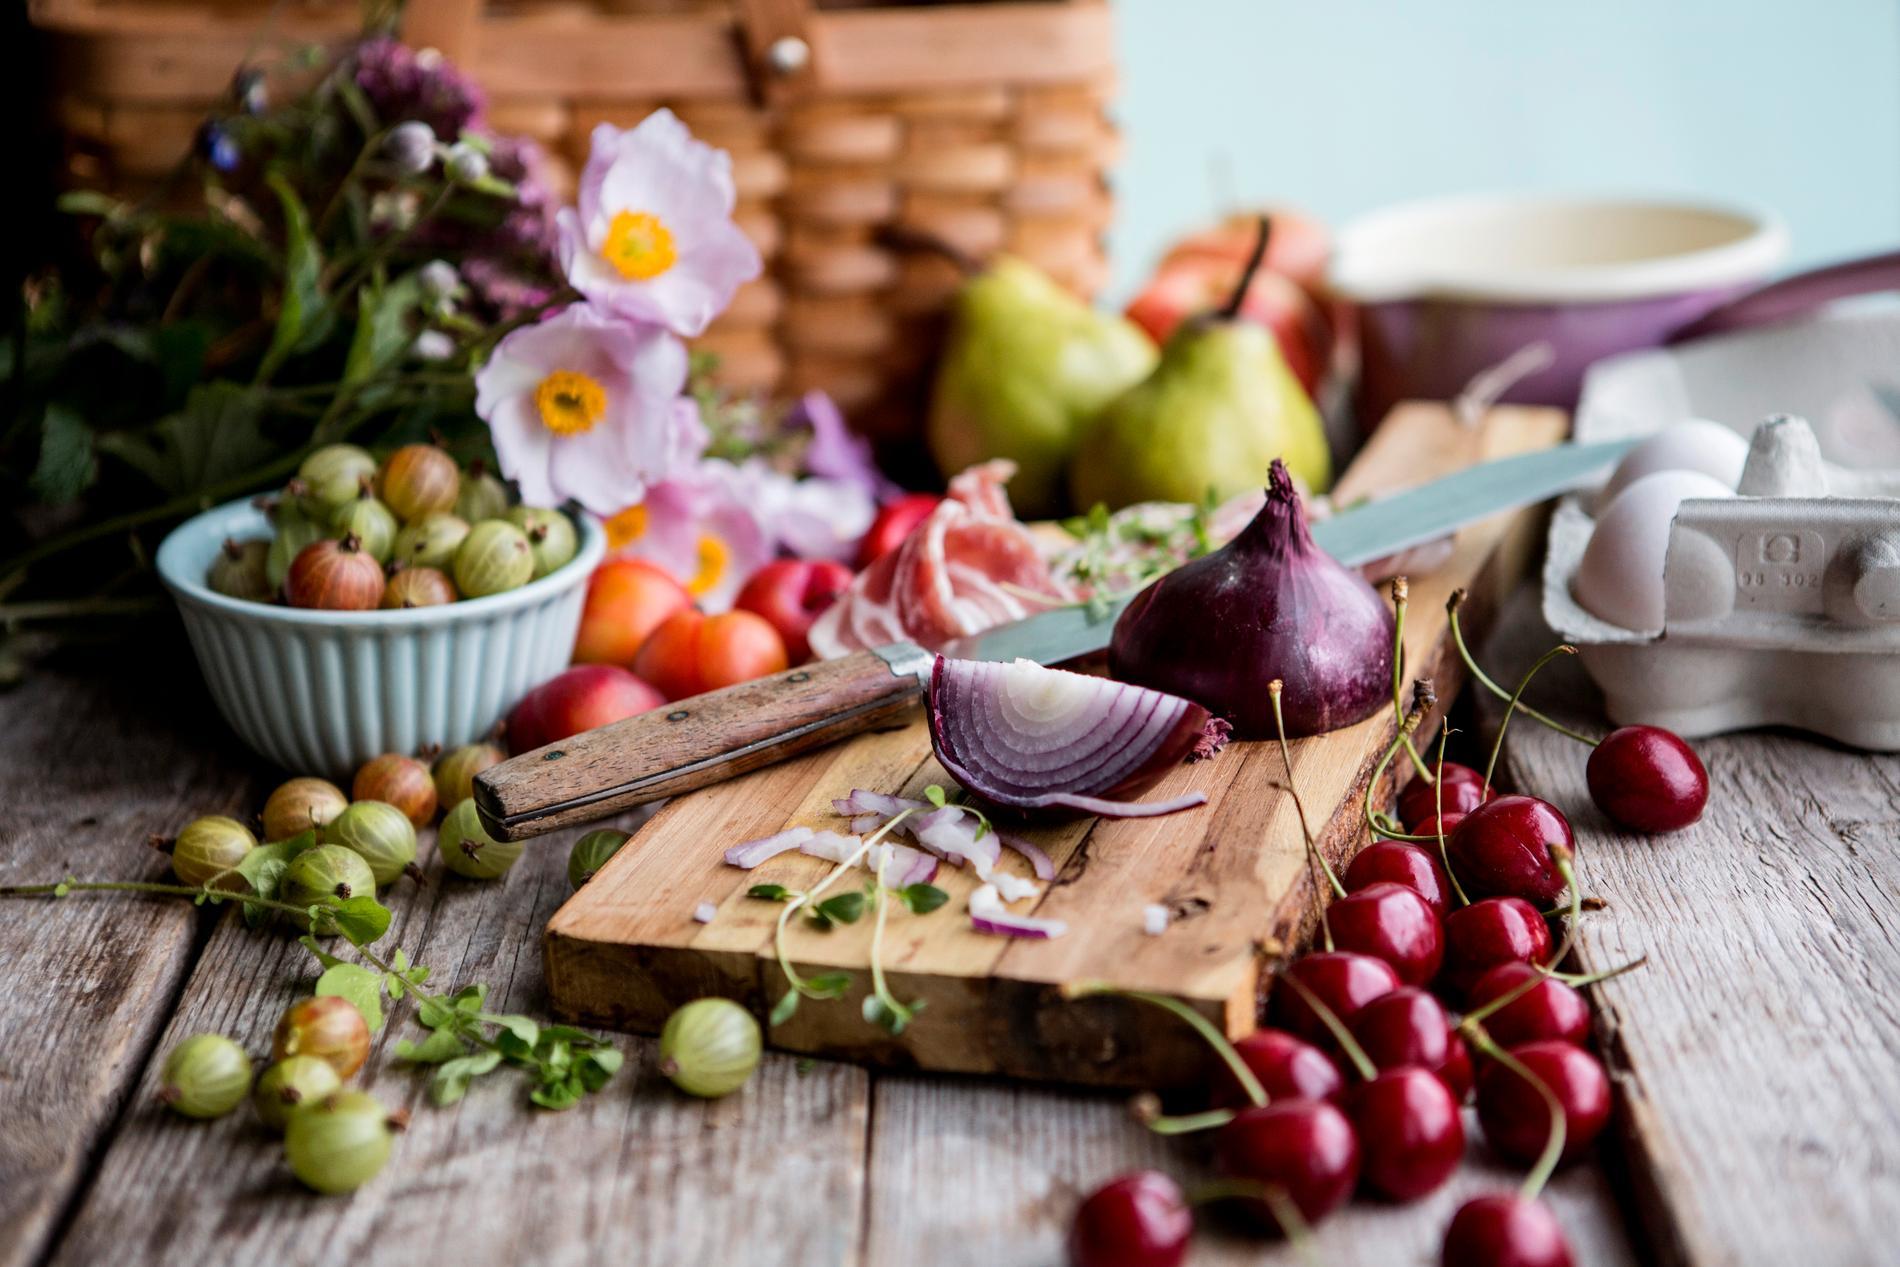 Frukter, bär och många andra livsmedel är antiinflammatoriska och bra för hälsan.